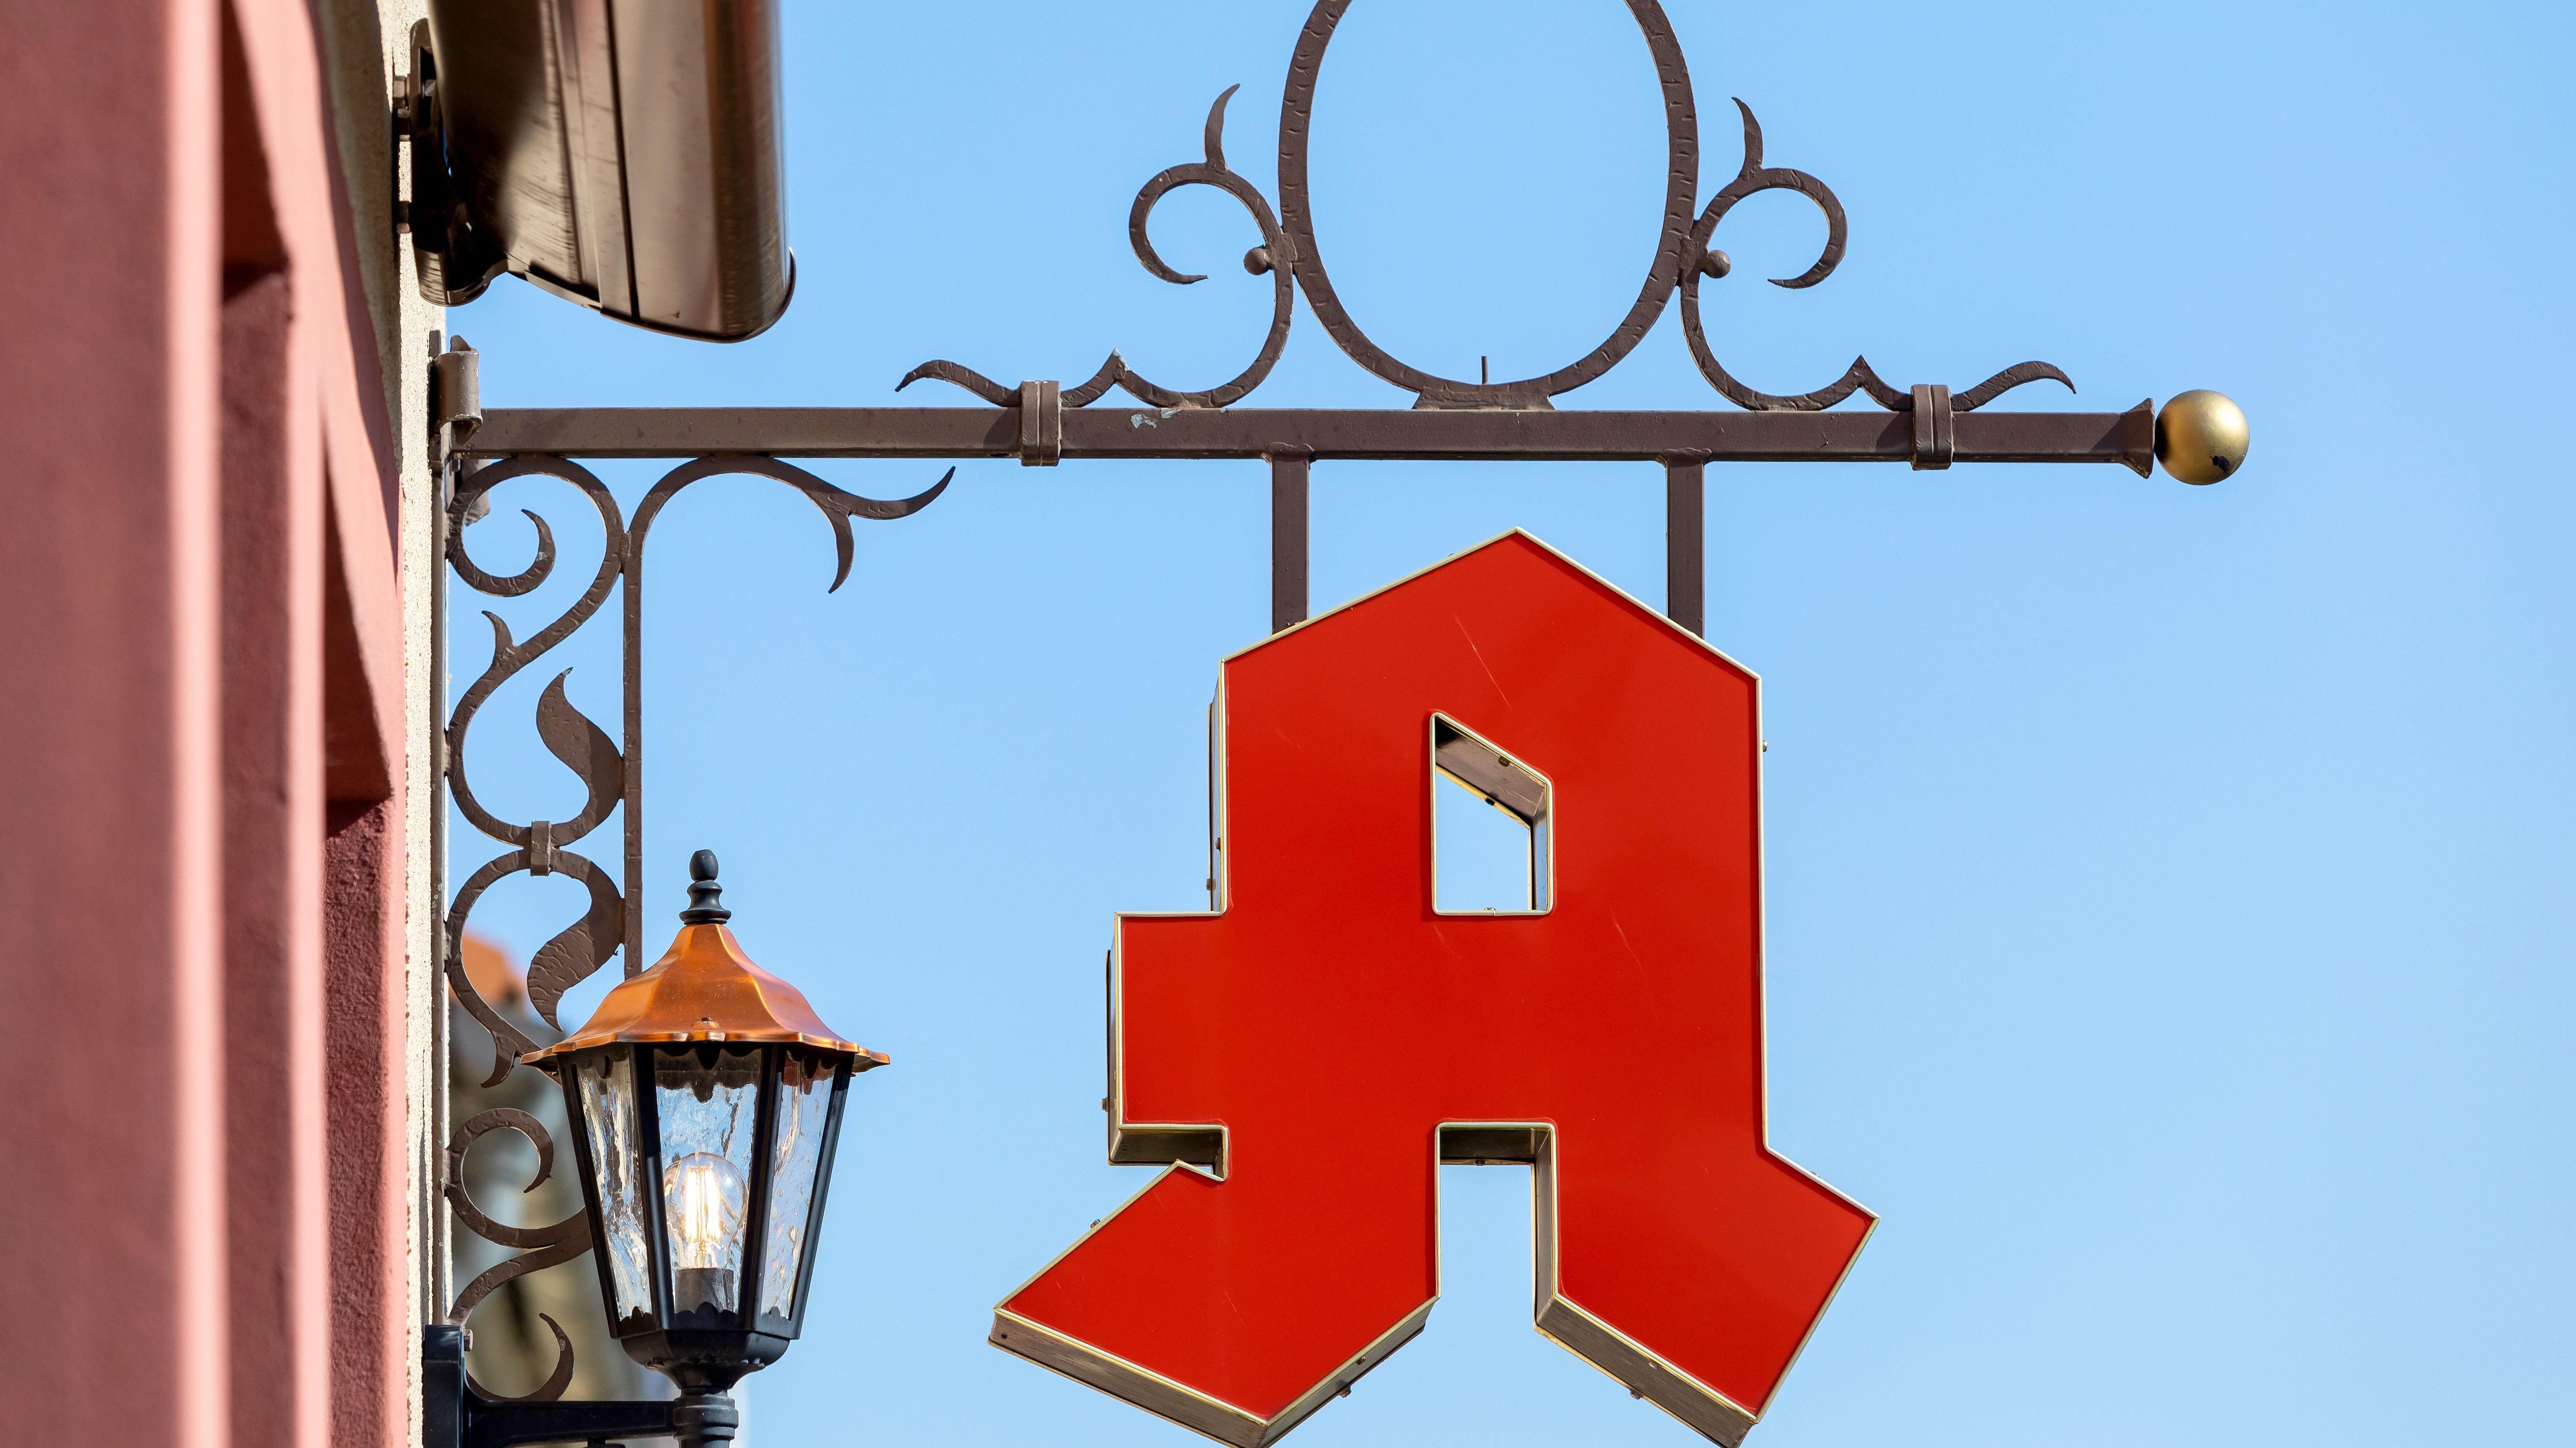 Ein Apotheken-A (symbolisches Apothekenzeichen)